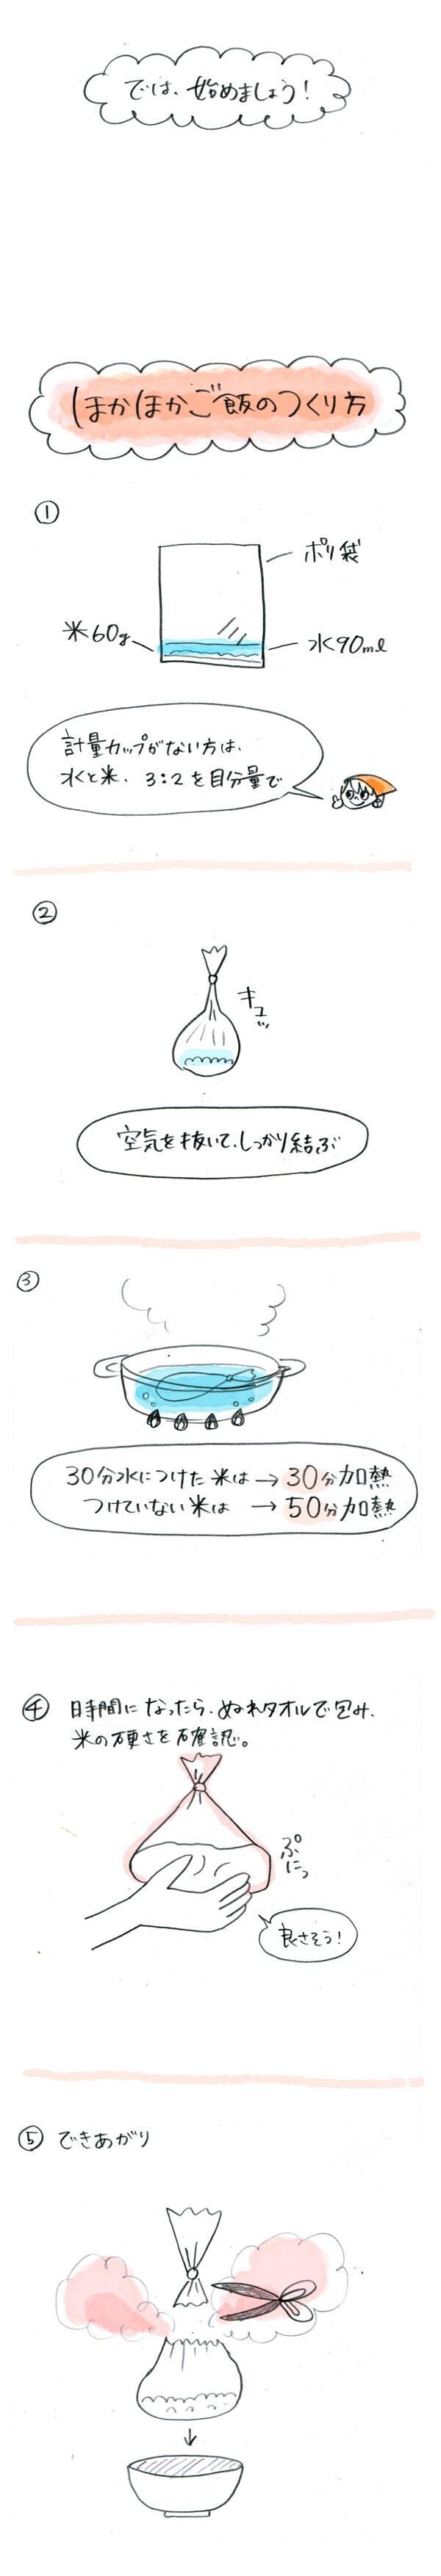 Vol.1 洗い物ナシ! 鍋と水とポリ袋だけで、ほかほかごはんが炊ける